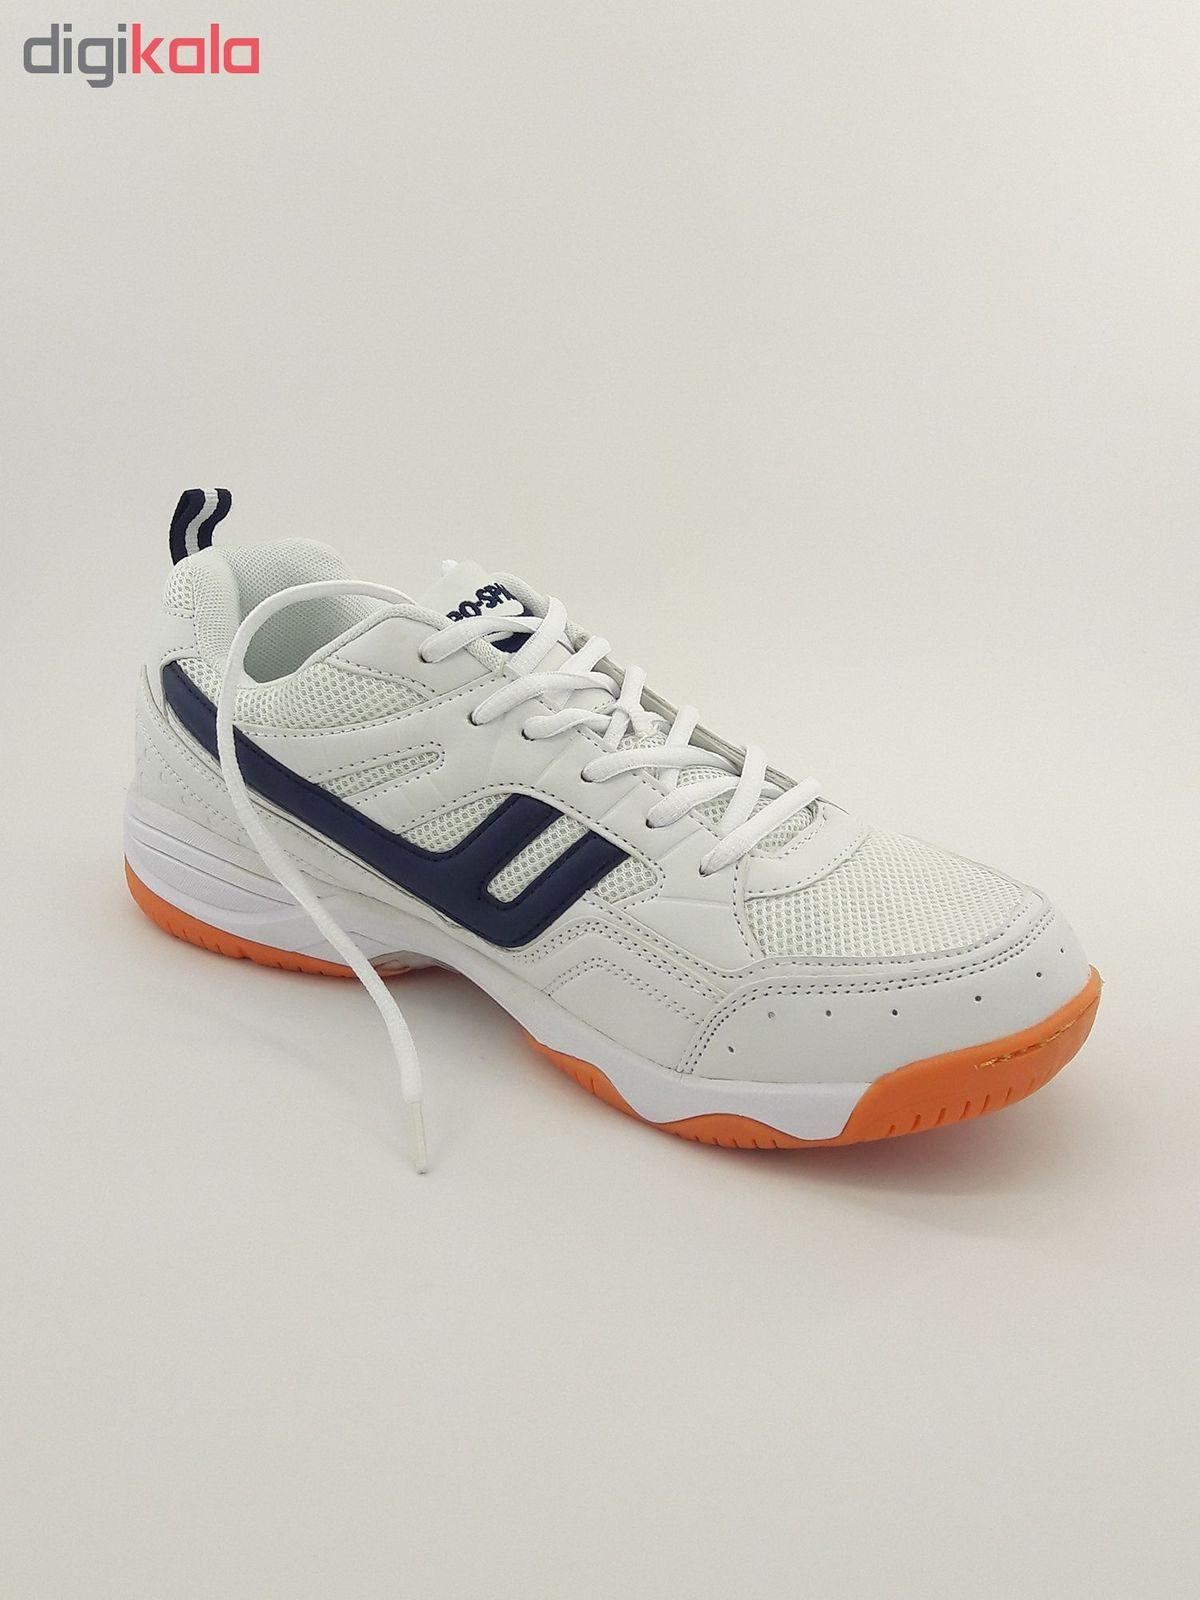 کفش ورزشی مردانه پرو اسپیس مدل Pro-space F main 1 4